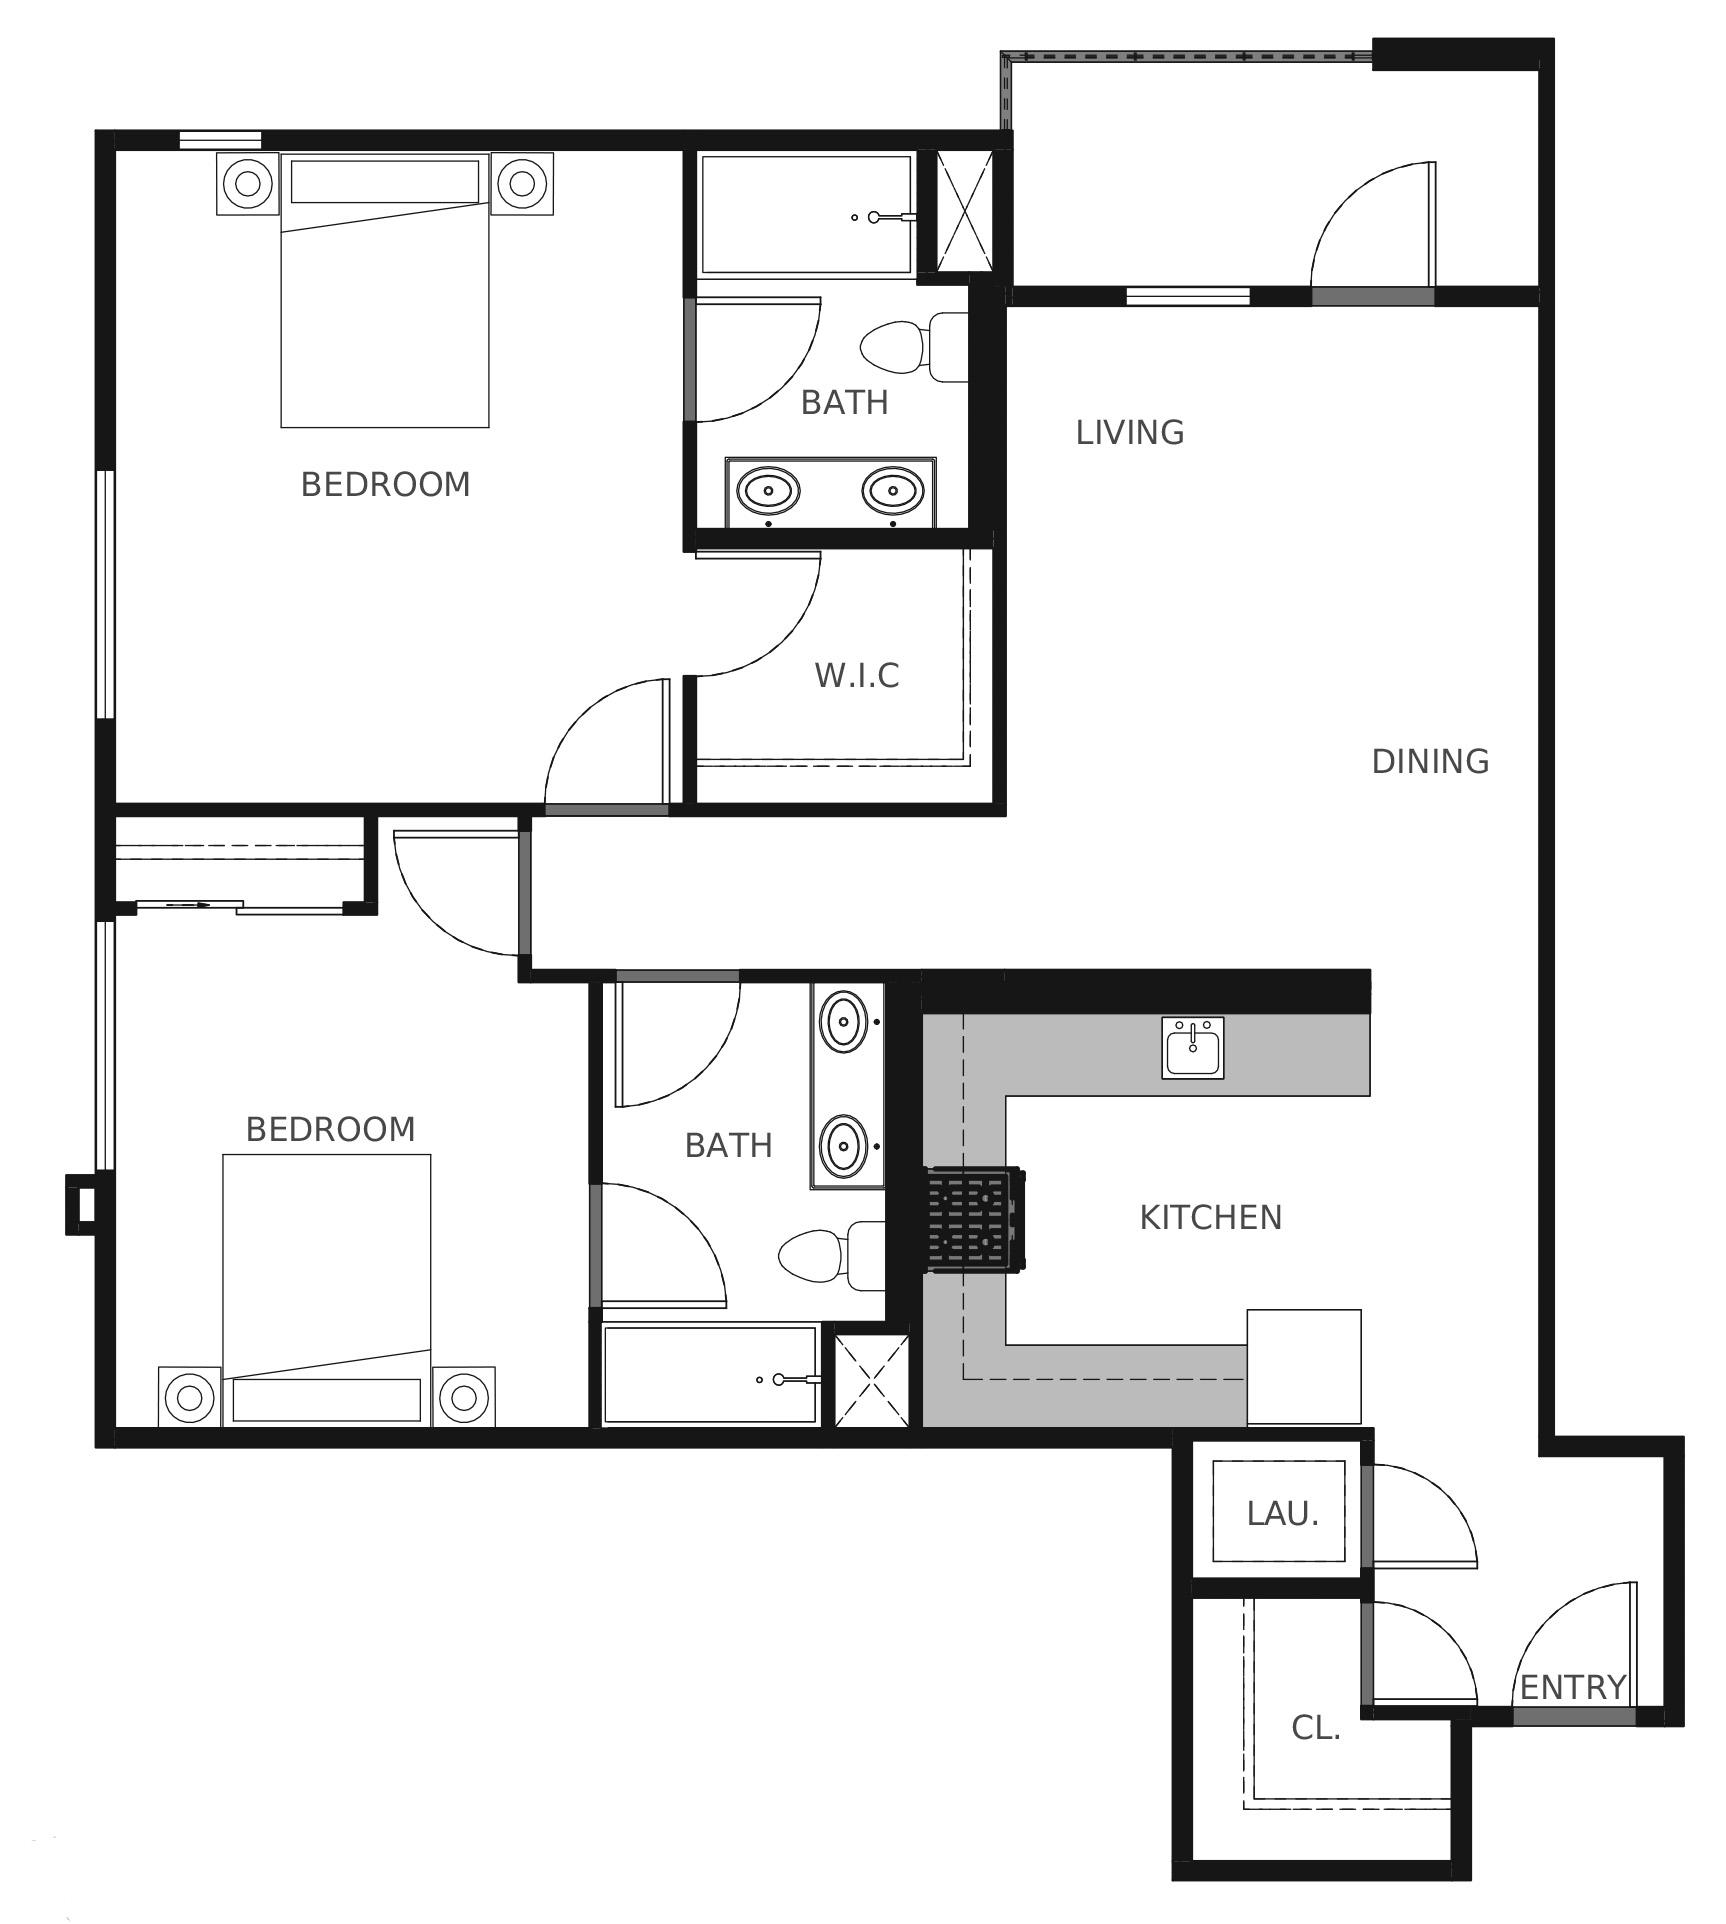 Plan B7 - 1,085 sq. ft.